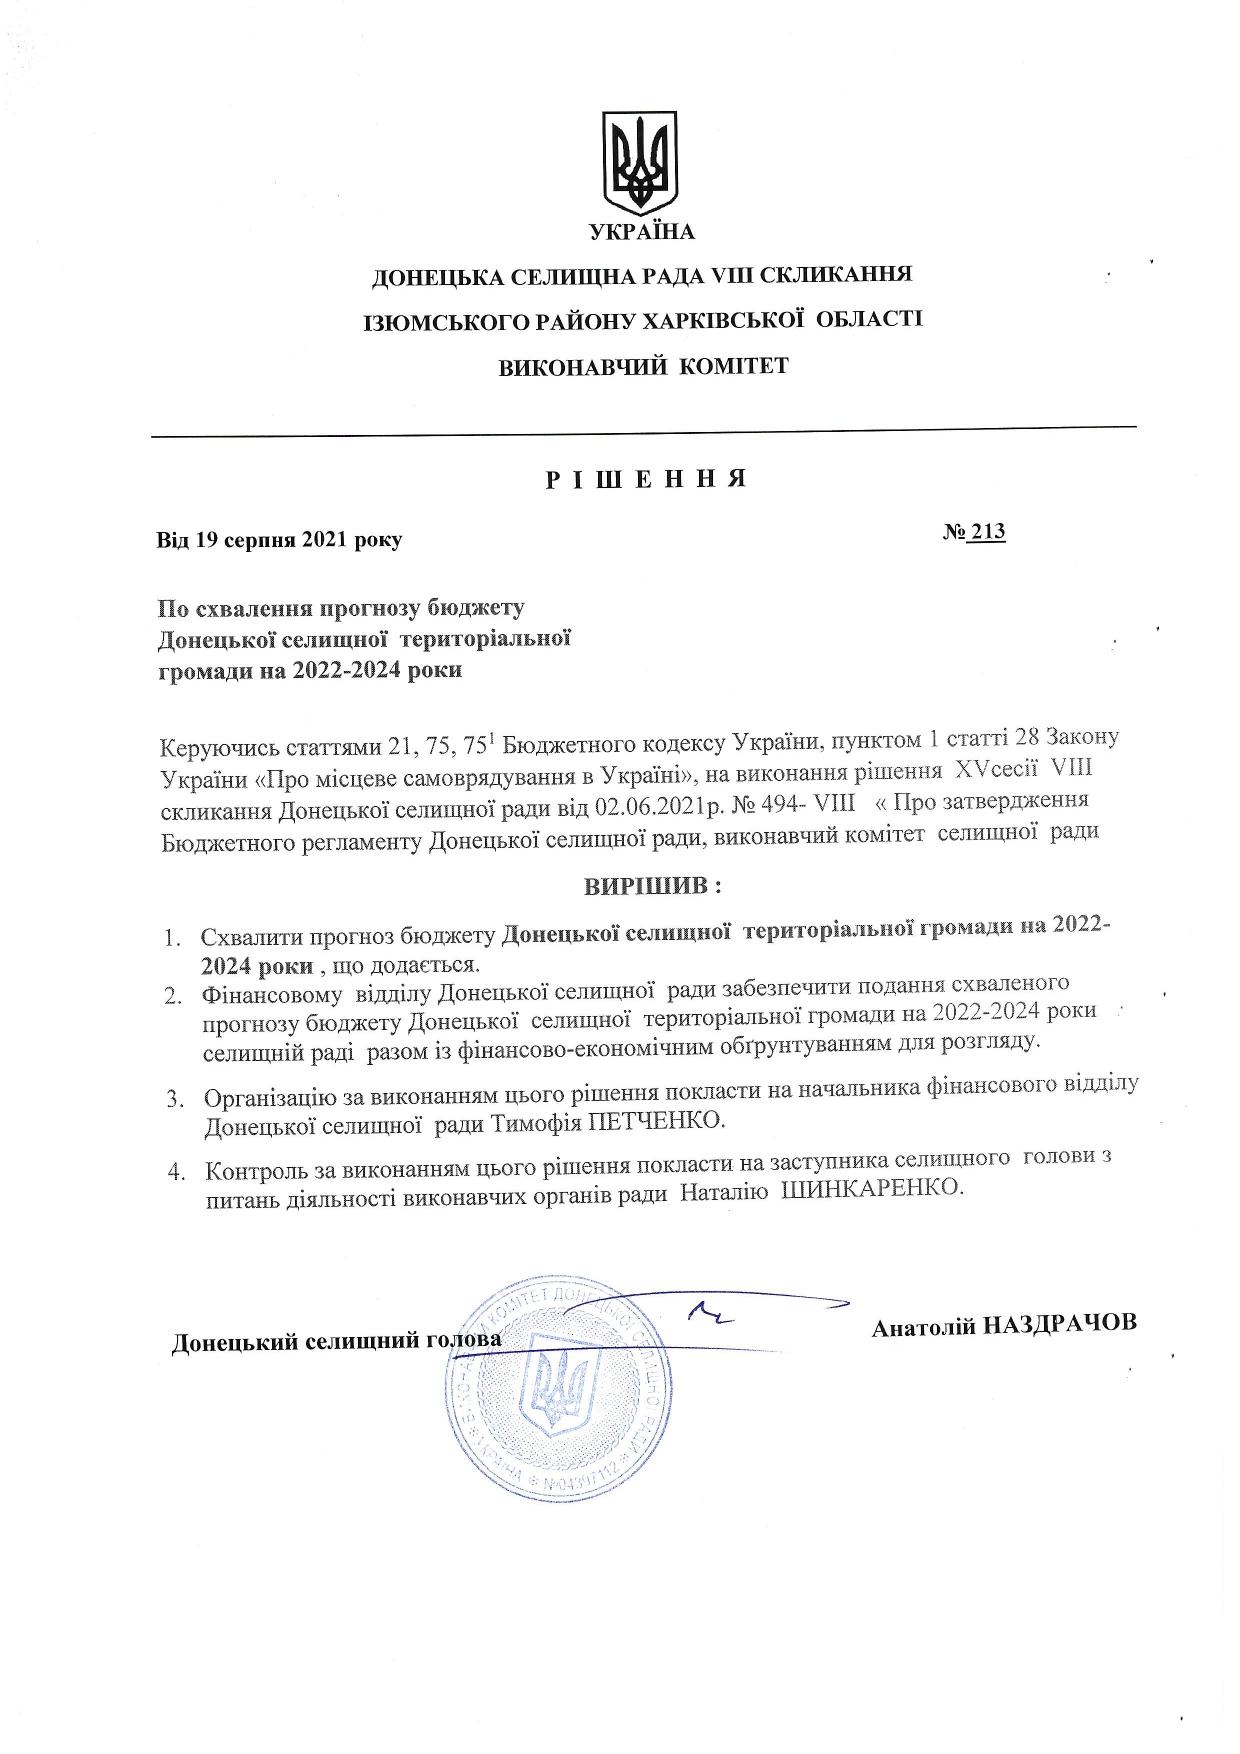 Рішення № 213 від 19 серпня 2021 року Про схвалення прогнозу бюджету Донецької селищної територіальної громади на 2022-2024 роки та додатки до рішення